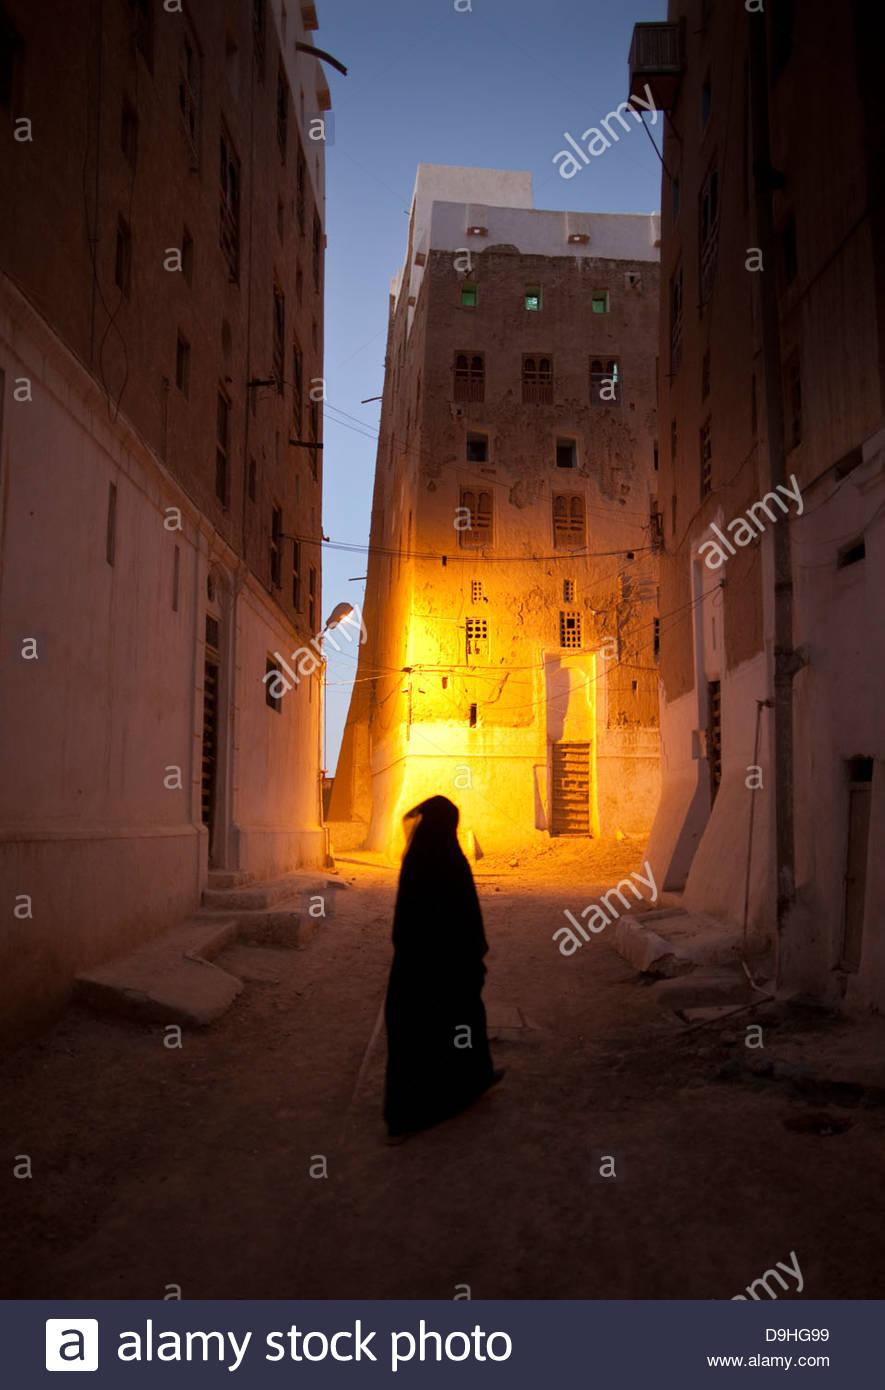 Woman walking in a street at night, Shibam, Hadhramaut, Yemen - Stock Image